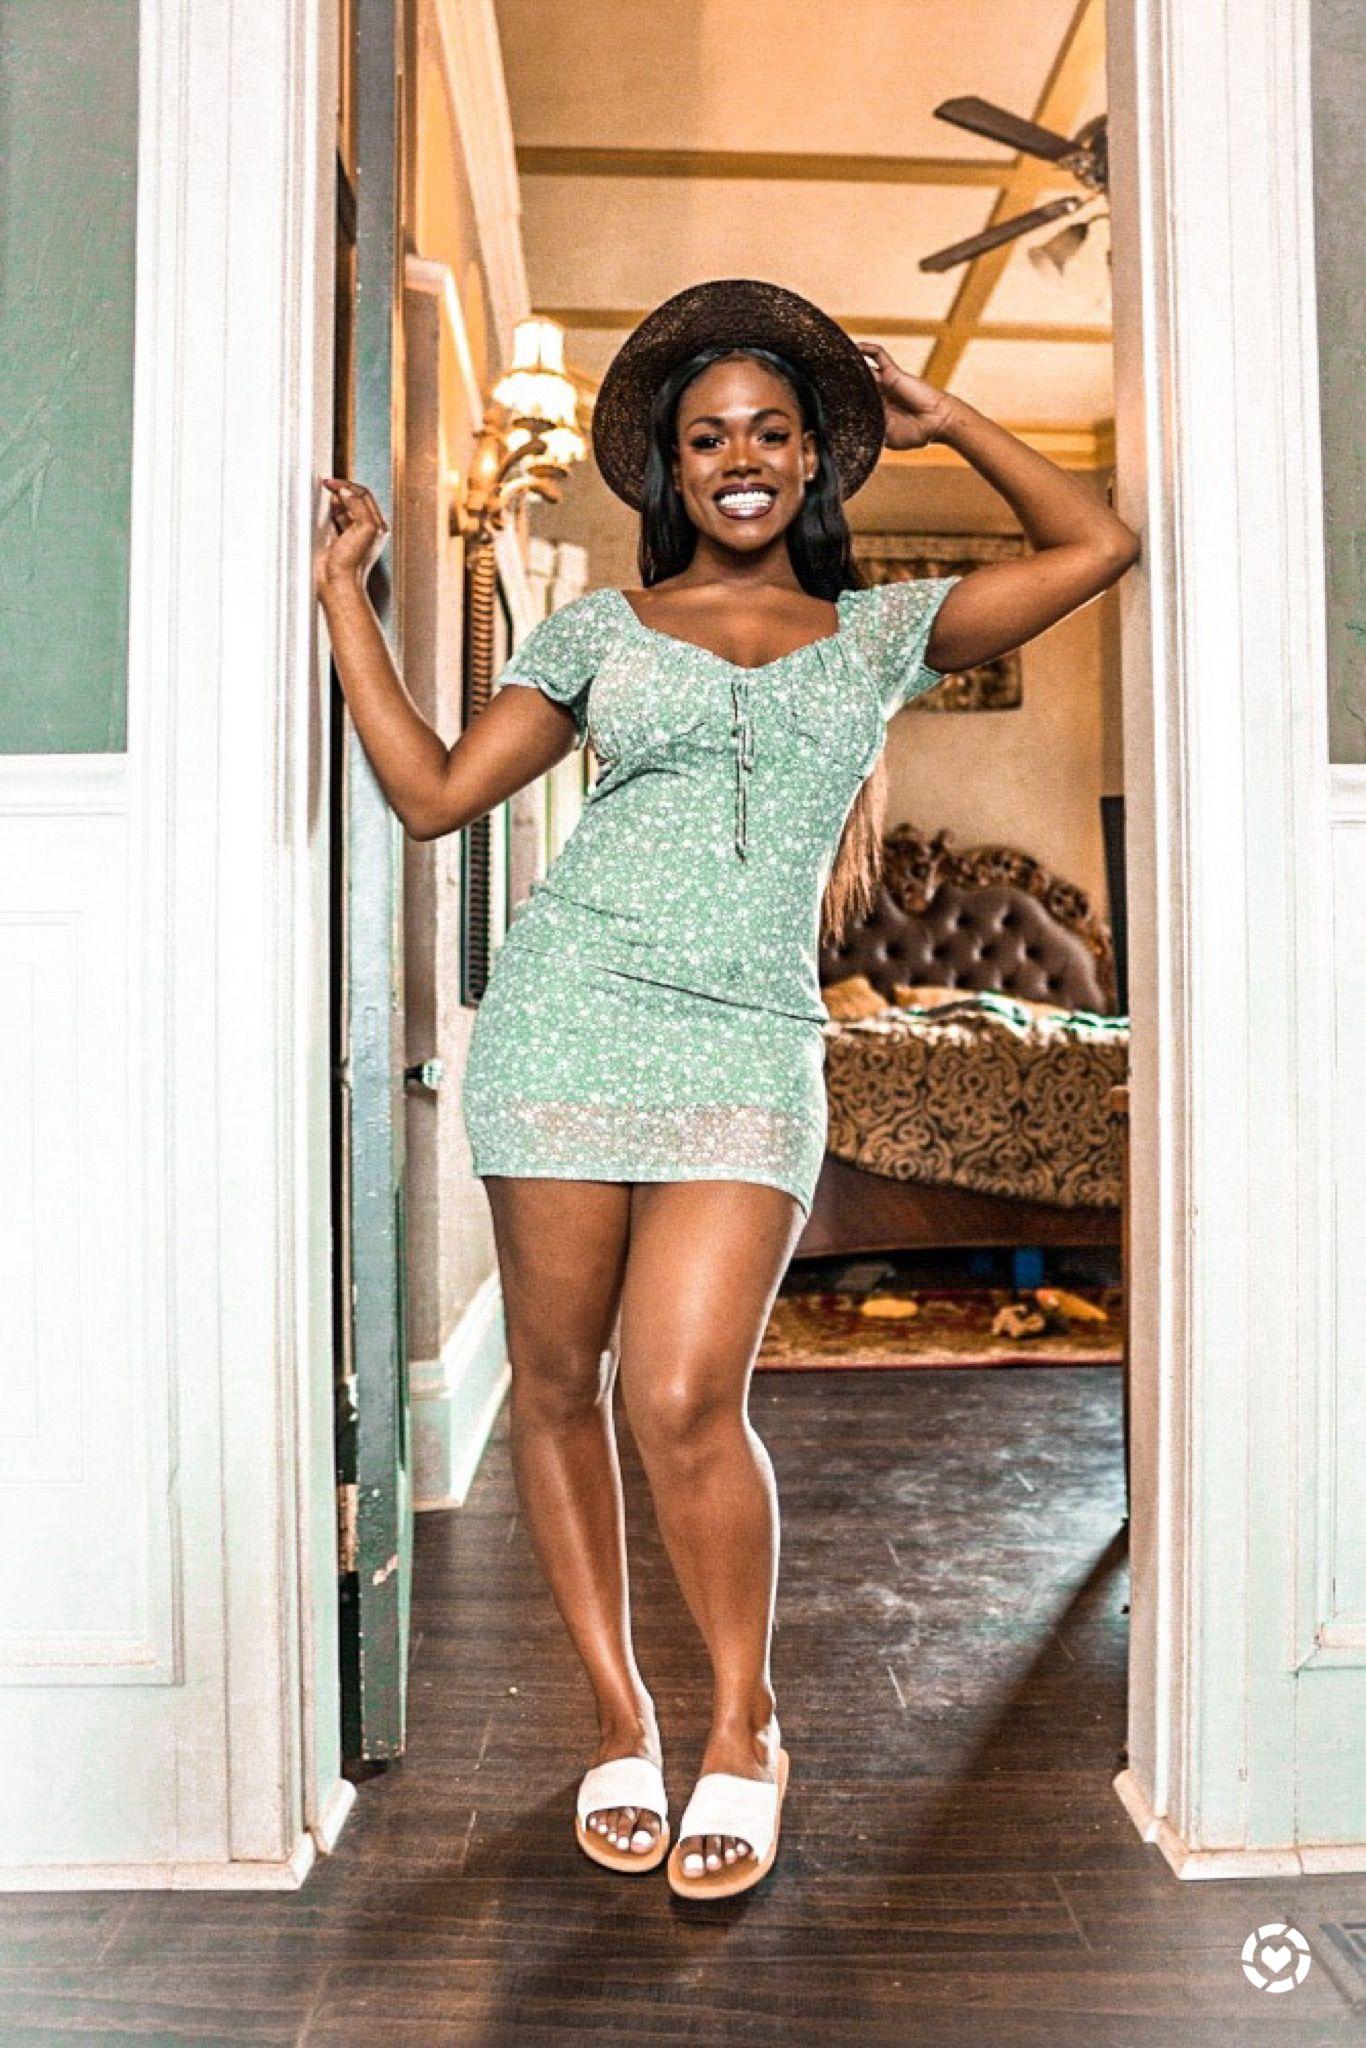 Green Dress Walmart Style Dark Skin Women Women Walmart Style [ 2048 x 1366 Pixel ]